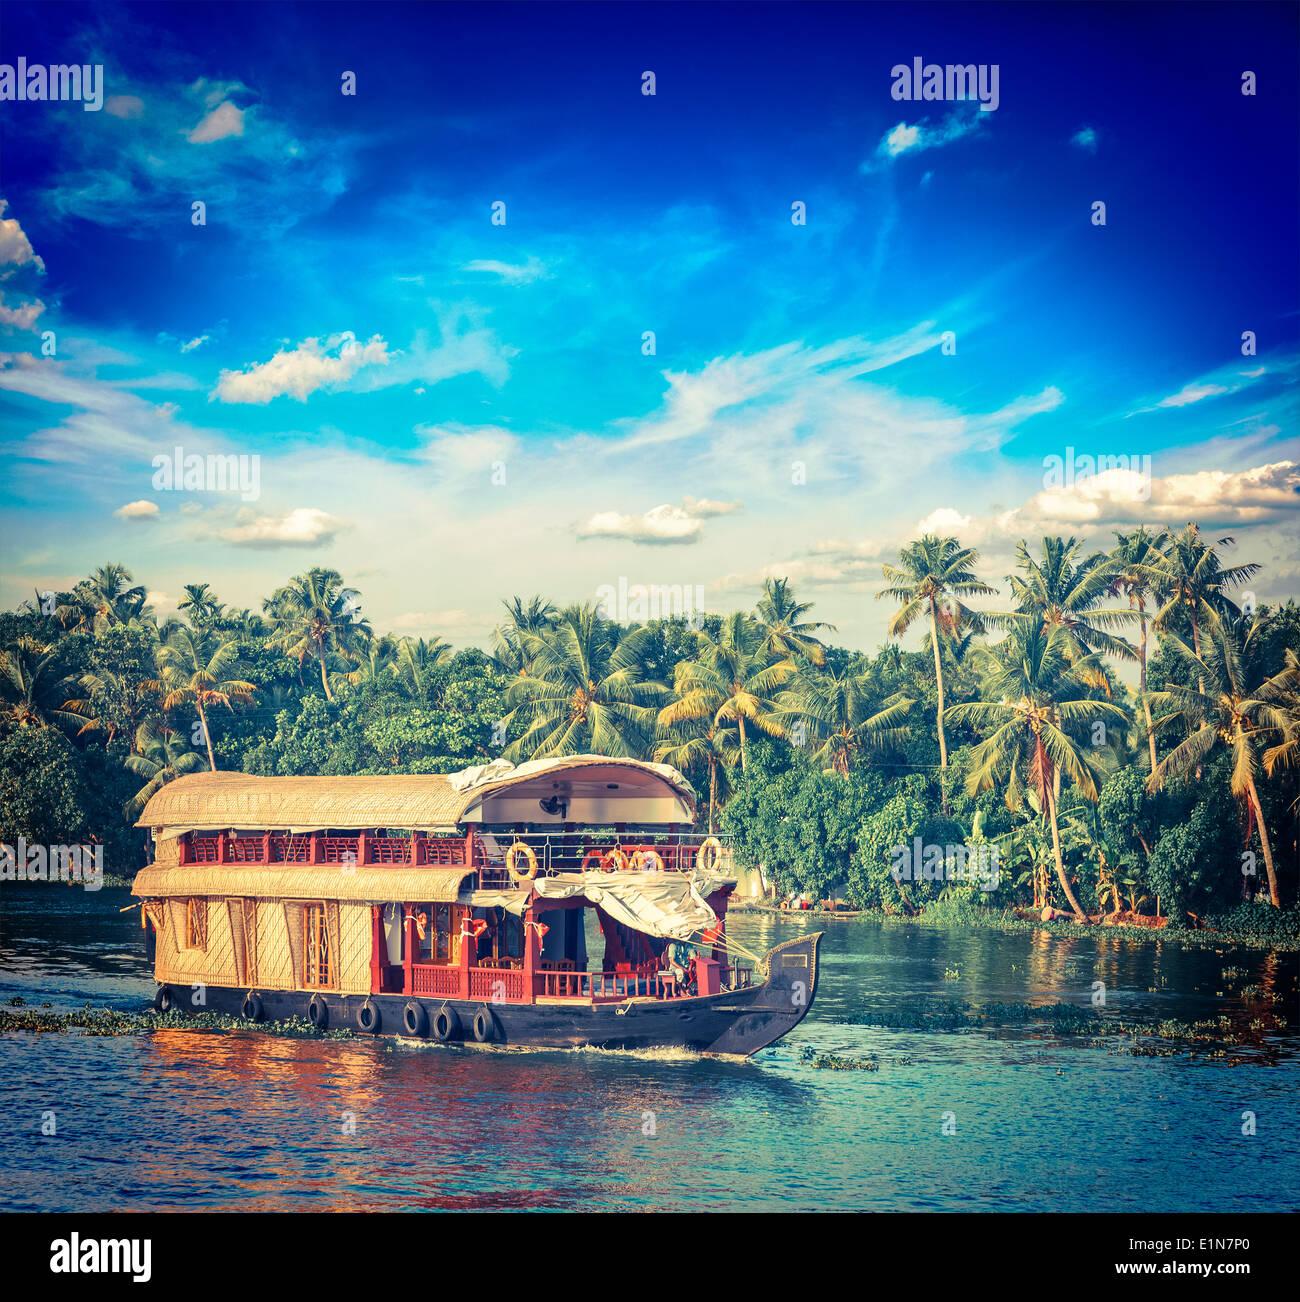 Vintage retro hipster style travel image of Kerala travel tourism background - houseboat on Kerala backwaters. Kerala, India - Stock Image